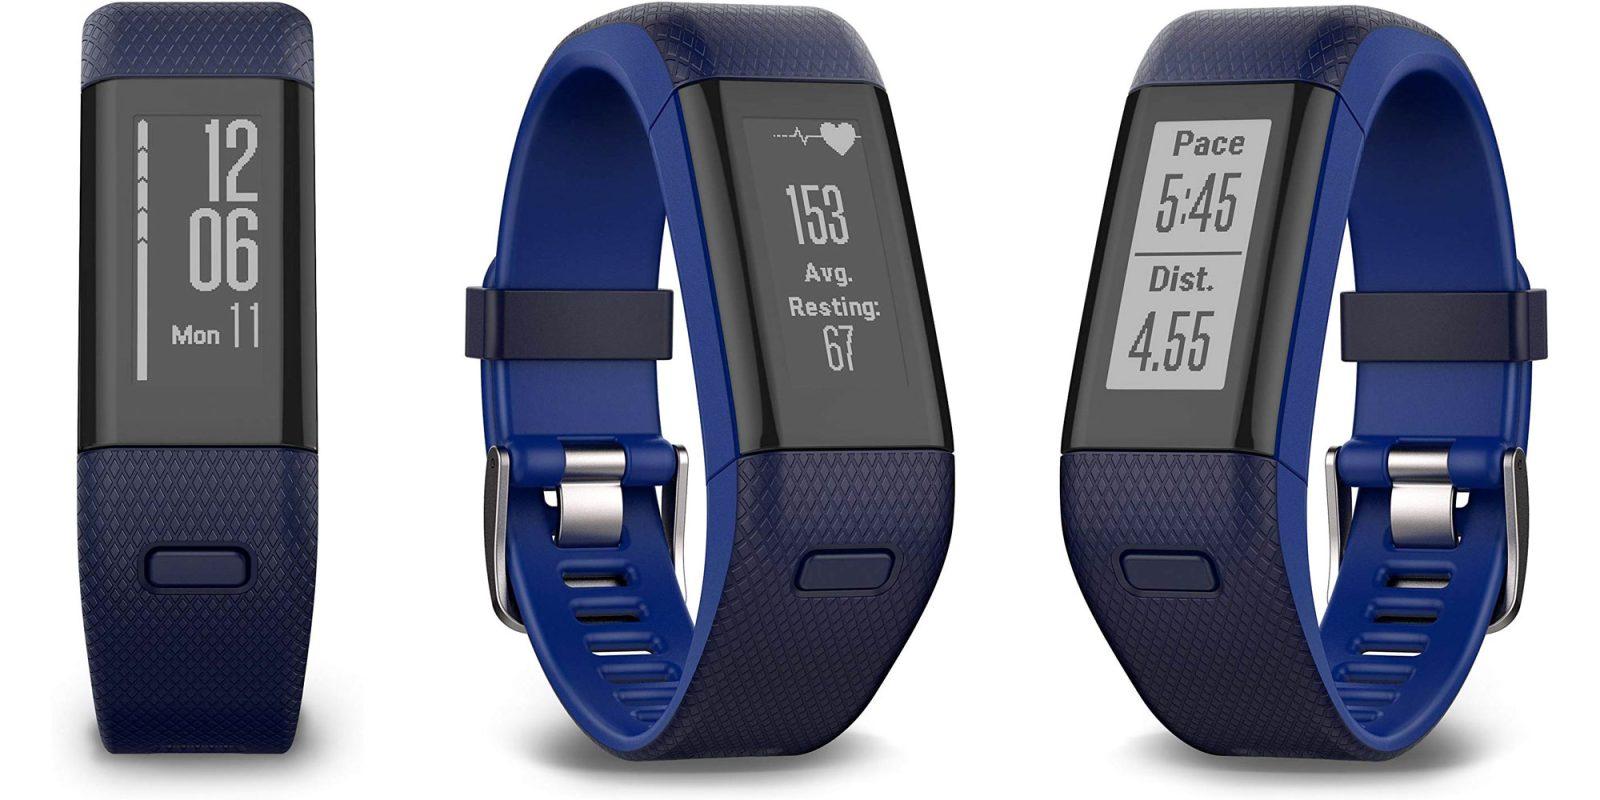 The Garmin vívosmart HR+ tracks steps, heart rate, more for $80 (Reg. $115)